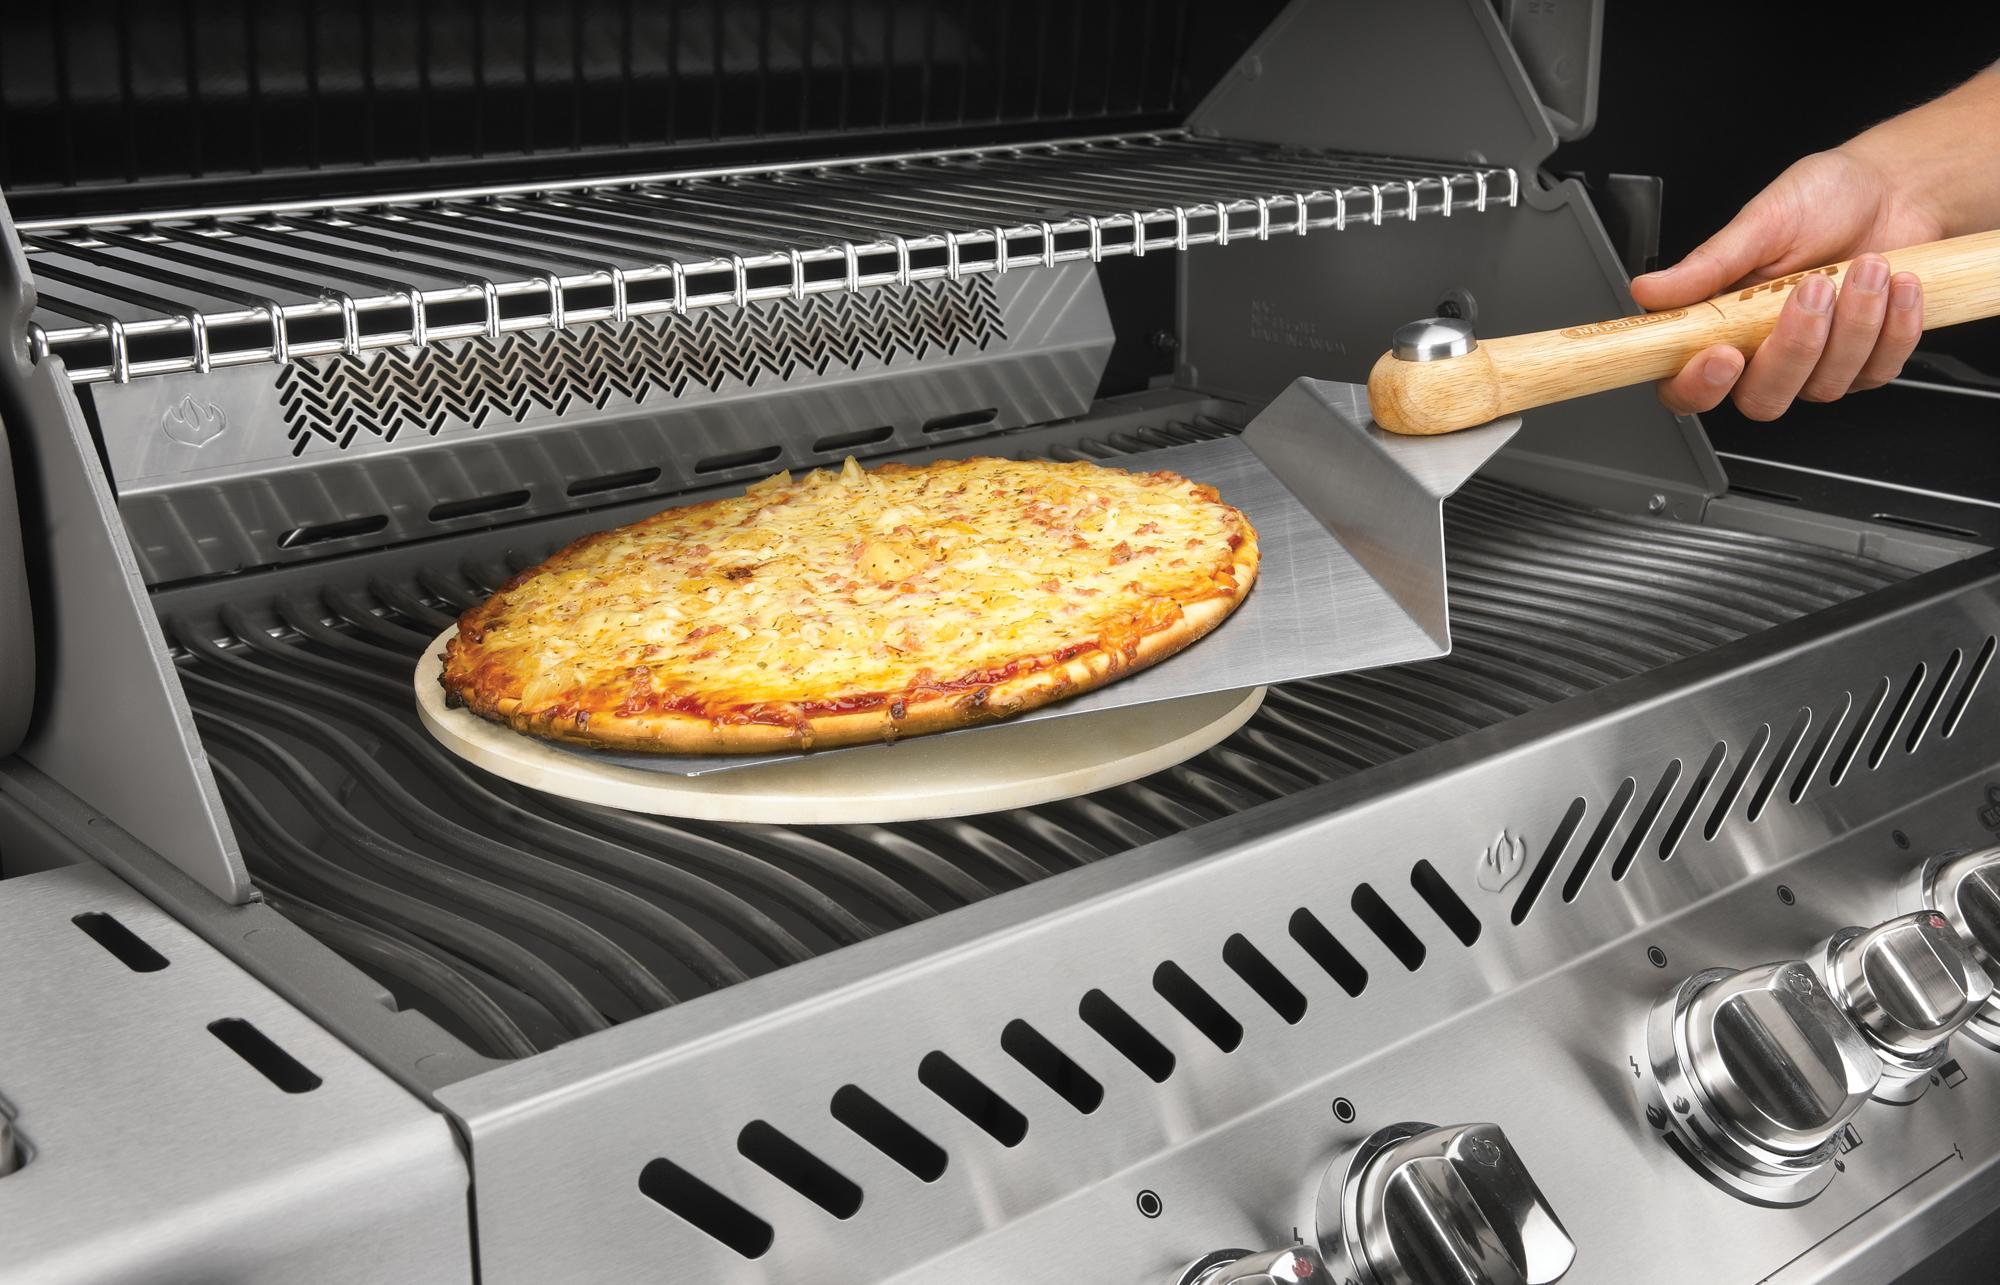 Pizzastein Für Gasgrill Outdoorchef : Pizzastein und pizza zubehör für den grill